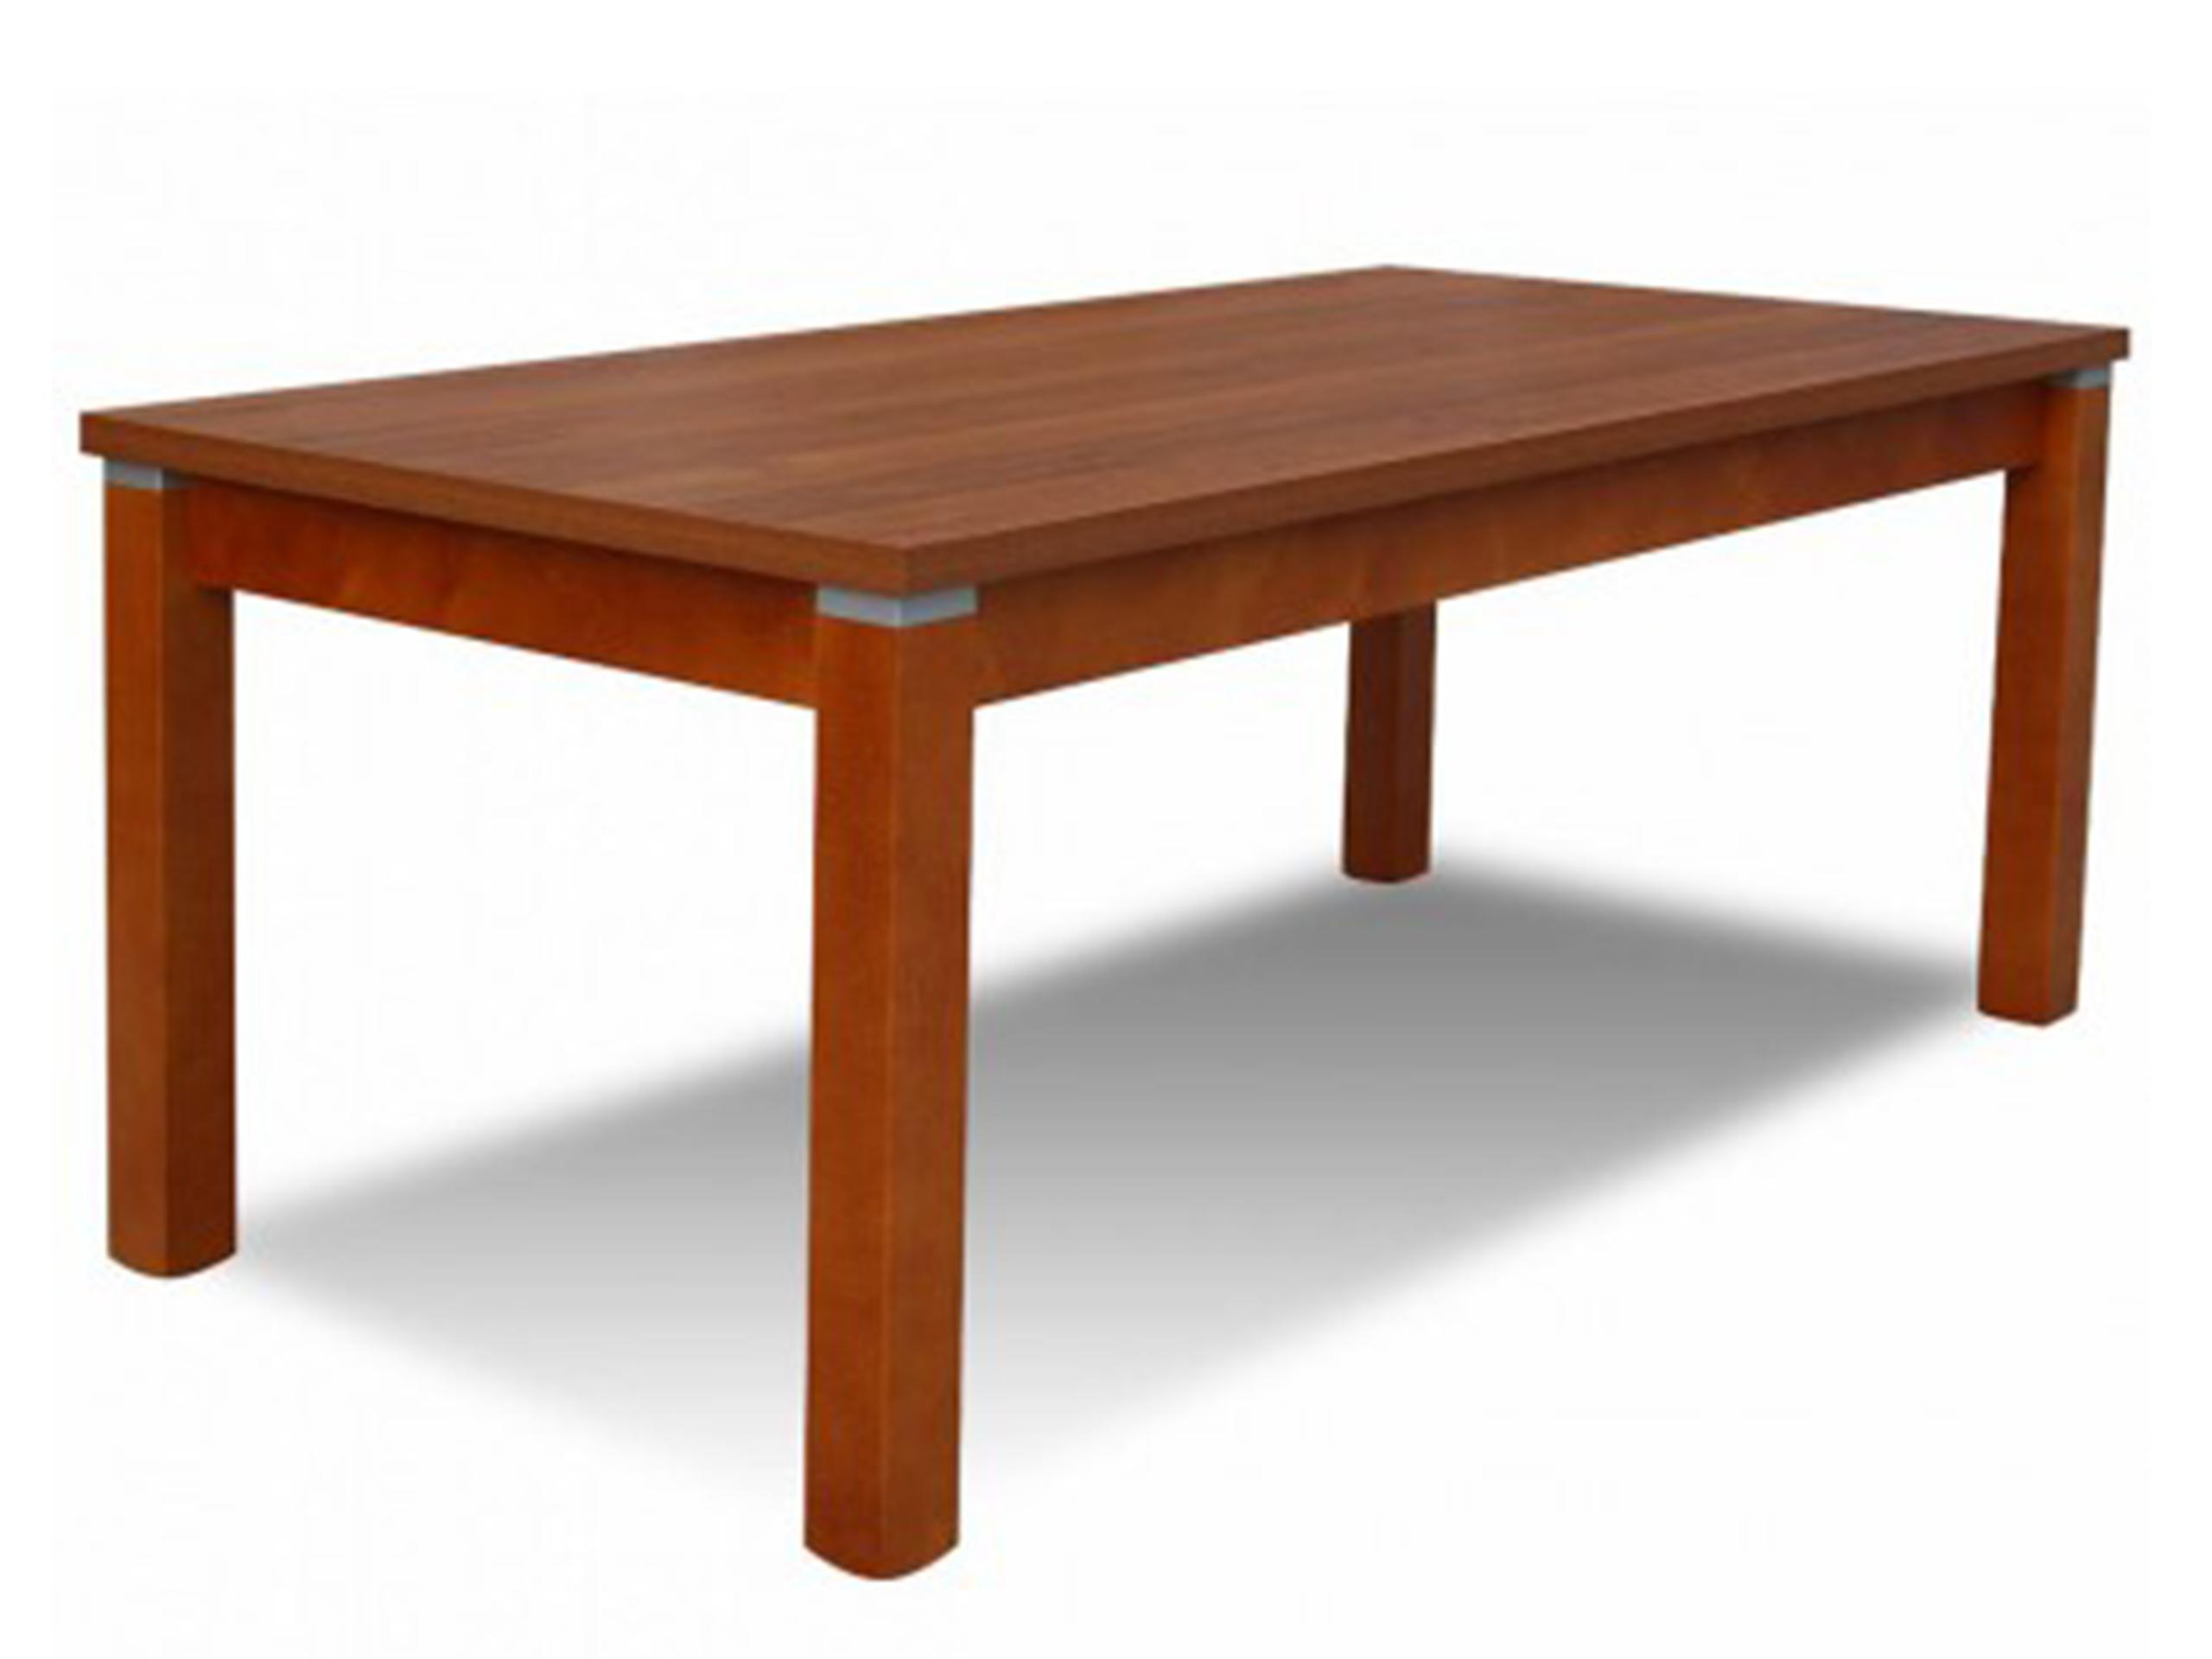 Stół Rozkładany Do Jadalni Stół S18 L S 80x160 6708951728